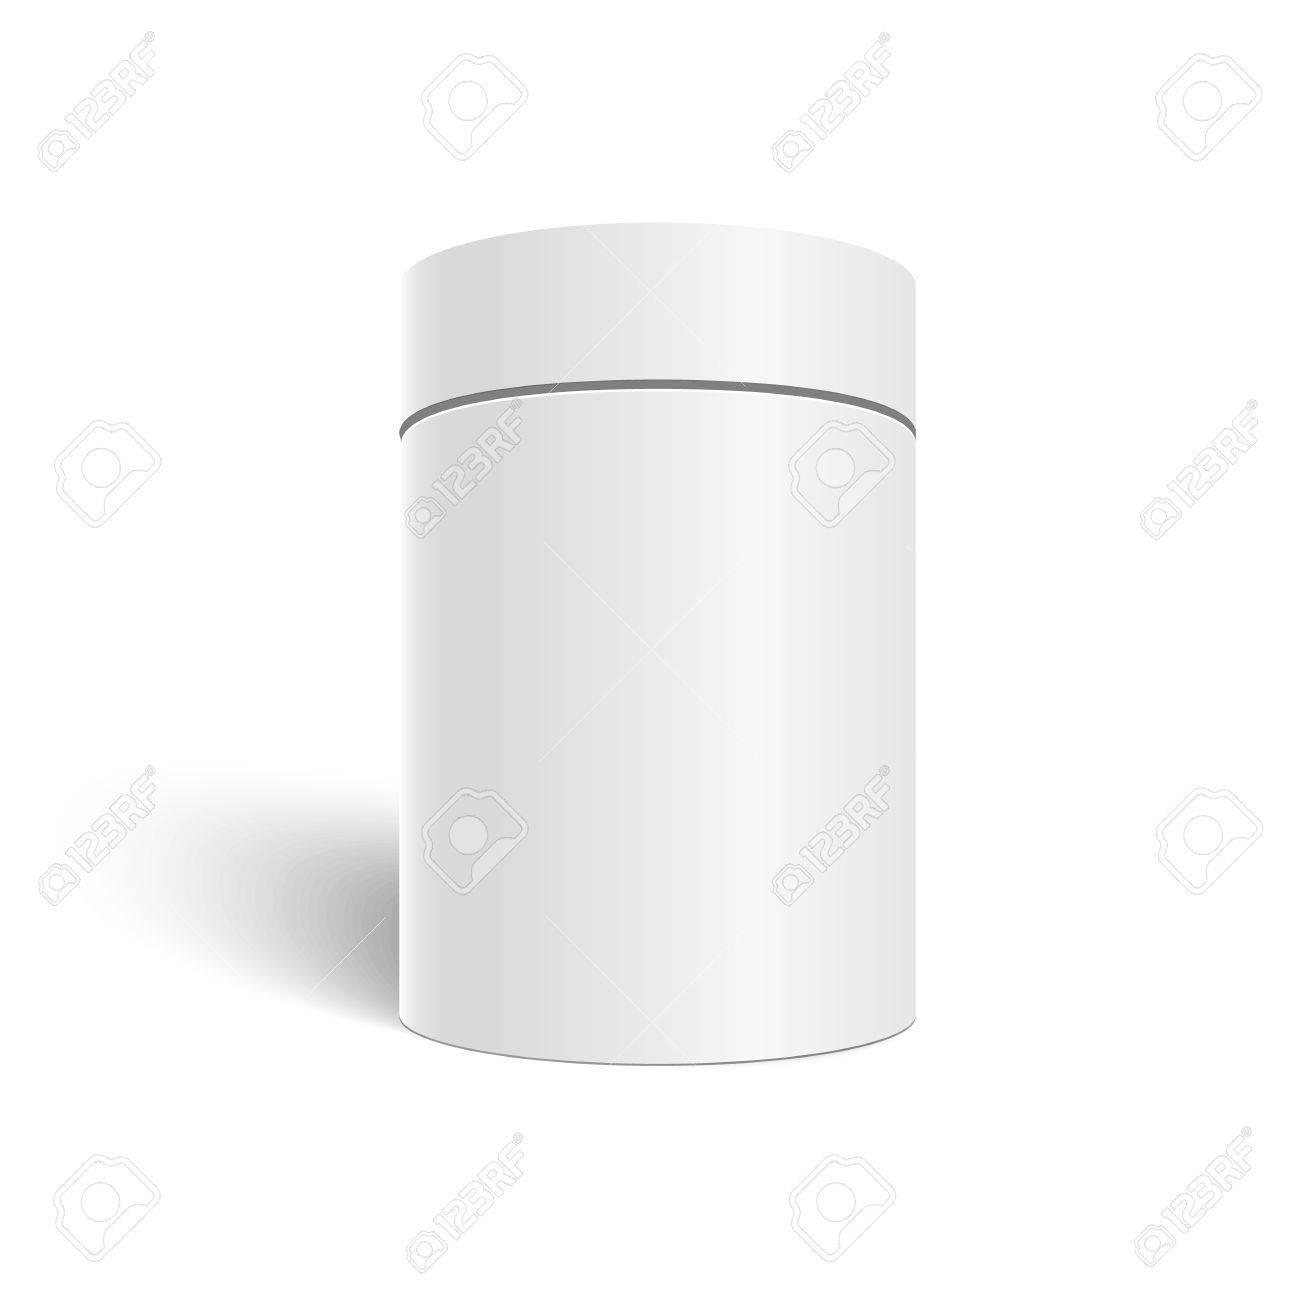 白い 3 d シリンダー白い背景で隔離のイラスト お茶とお店のコーヒーが